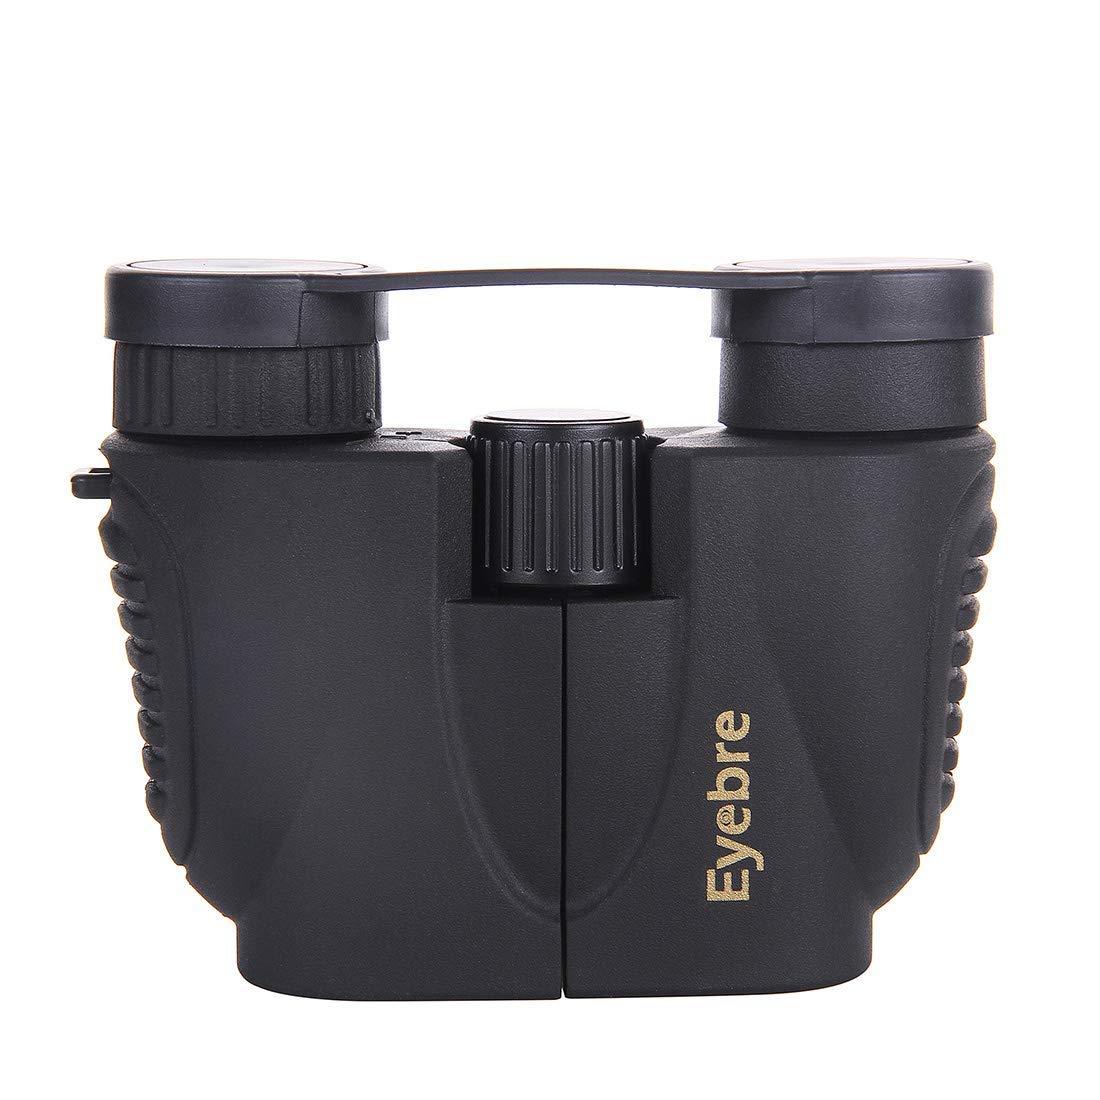 望遠鏡, B07P3LJCV5 双眼鏡、屋外での使用に適した携帯用軽量高精細コンサート10X22 B07P3LJCV5, 射水郡:bd35392c --- 2017.goldenesbrett.net